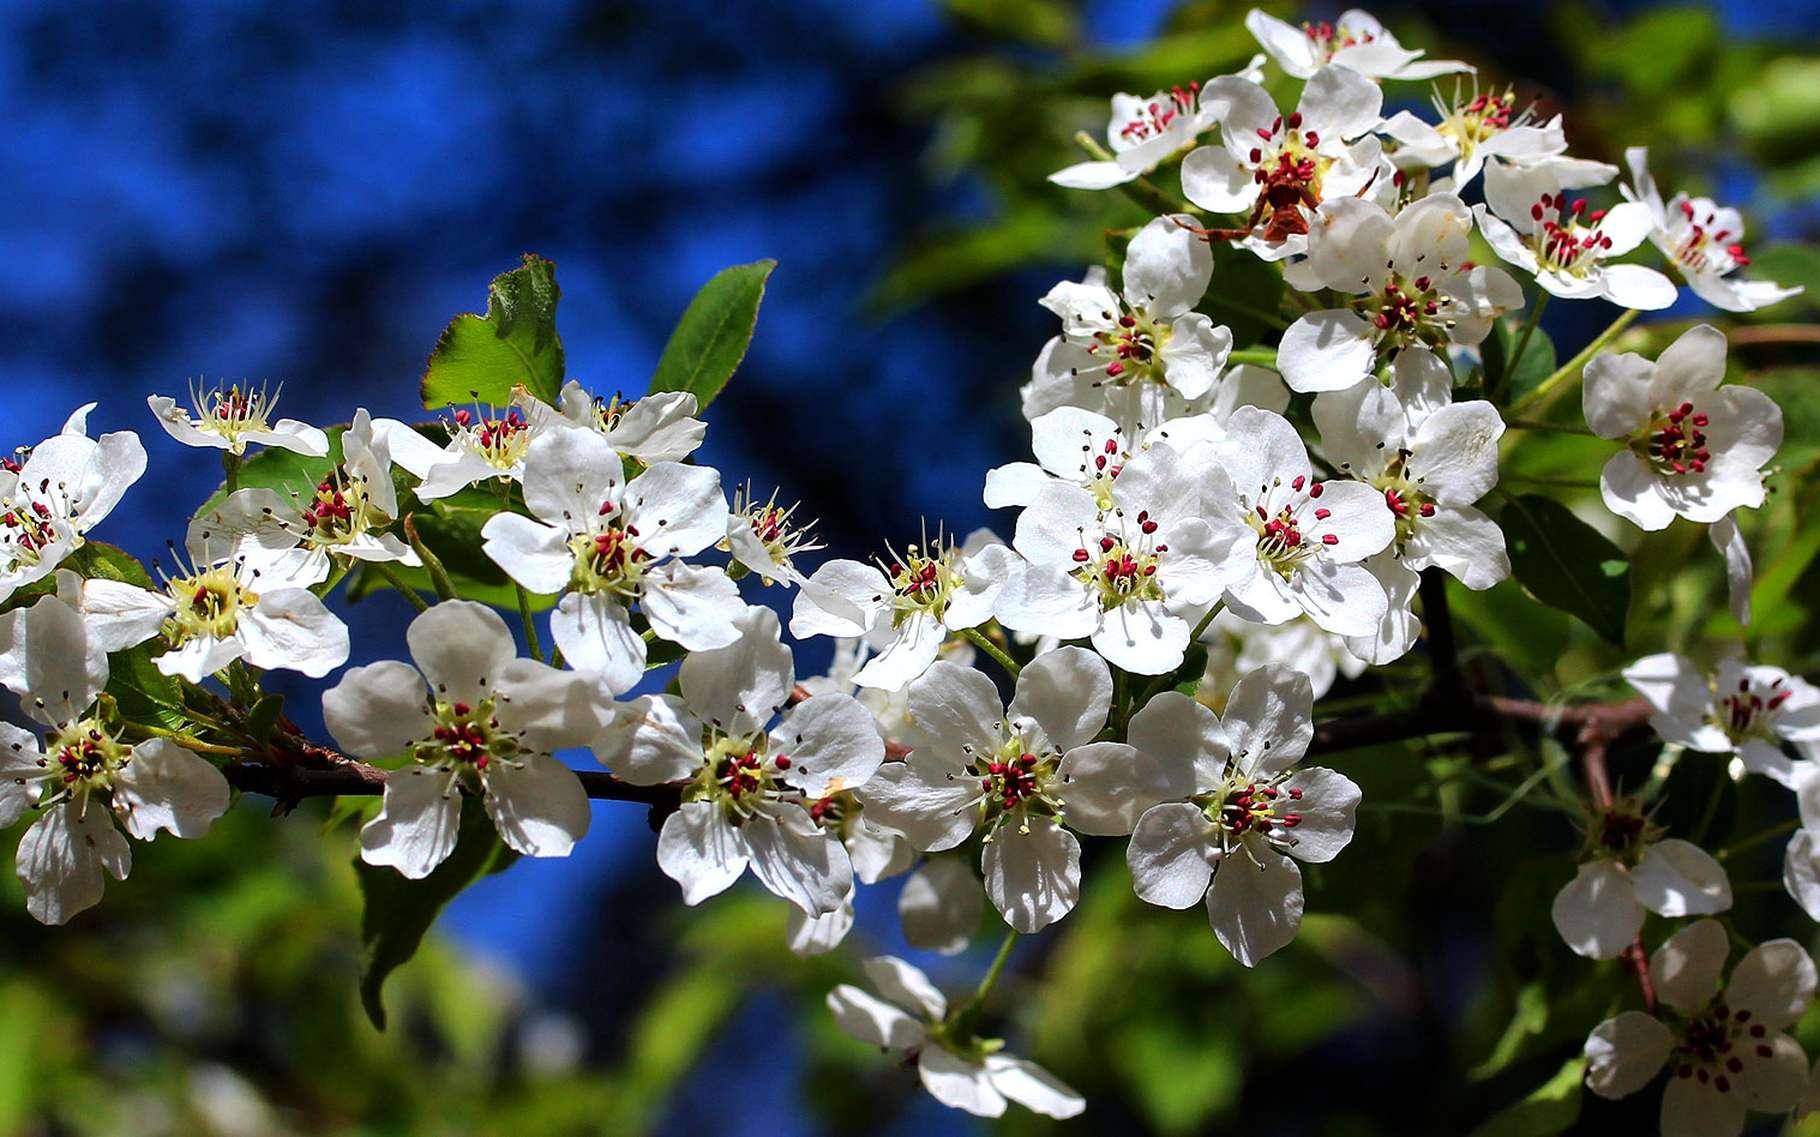 Le poirier à fleurs fait partie de la famille des rosacées. © Photozou, DR